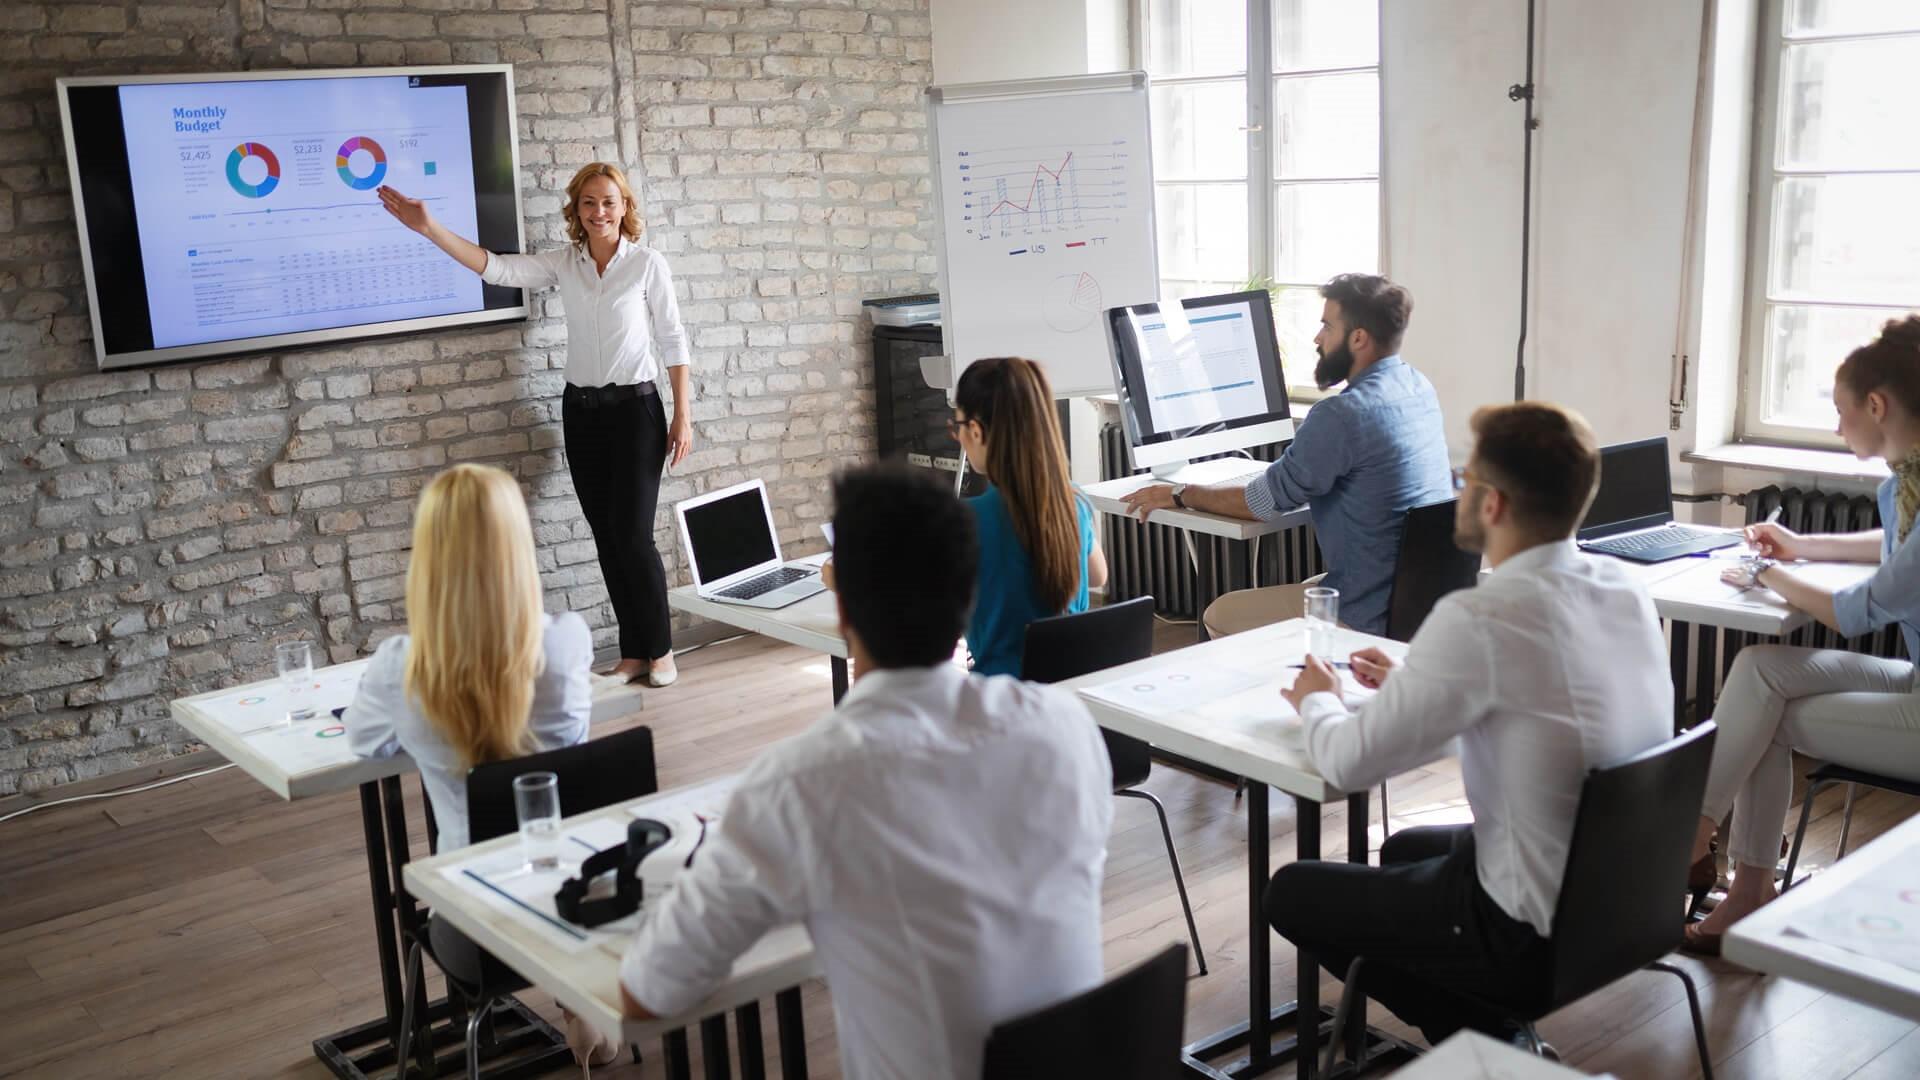 Seminarleiterin an großem Bildschirm vor TGA-Fachplanern in Weiterbildung.